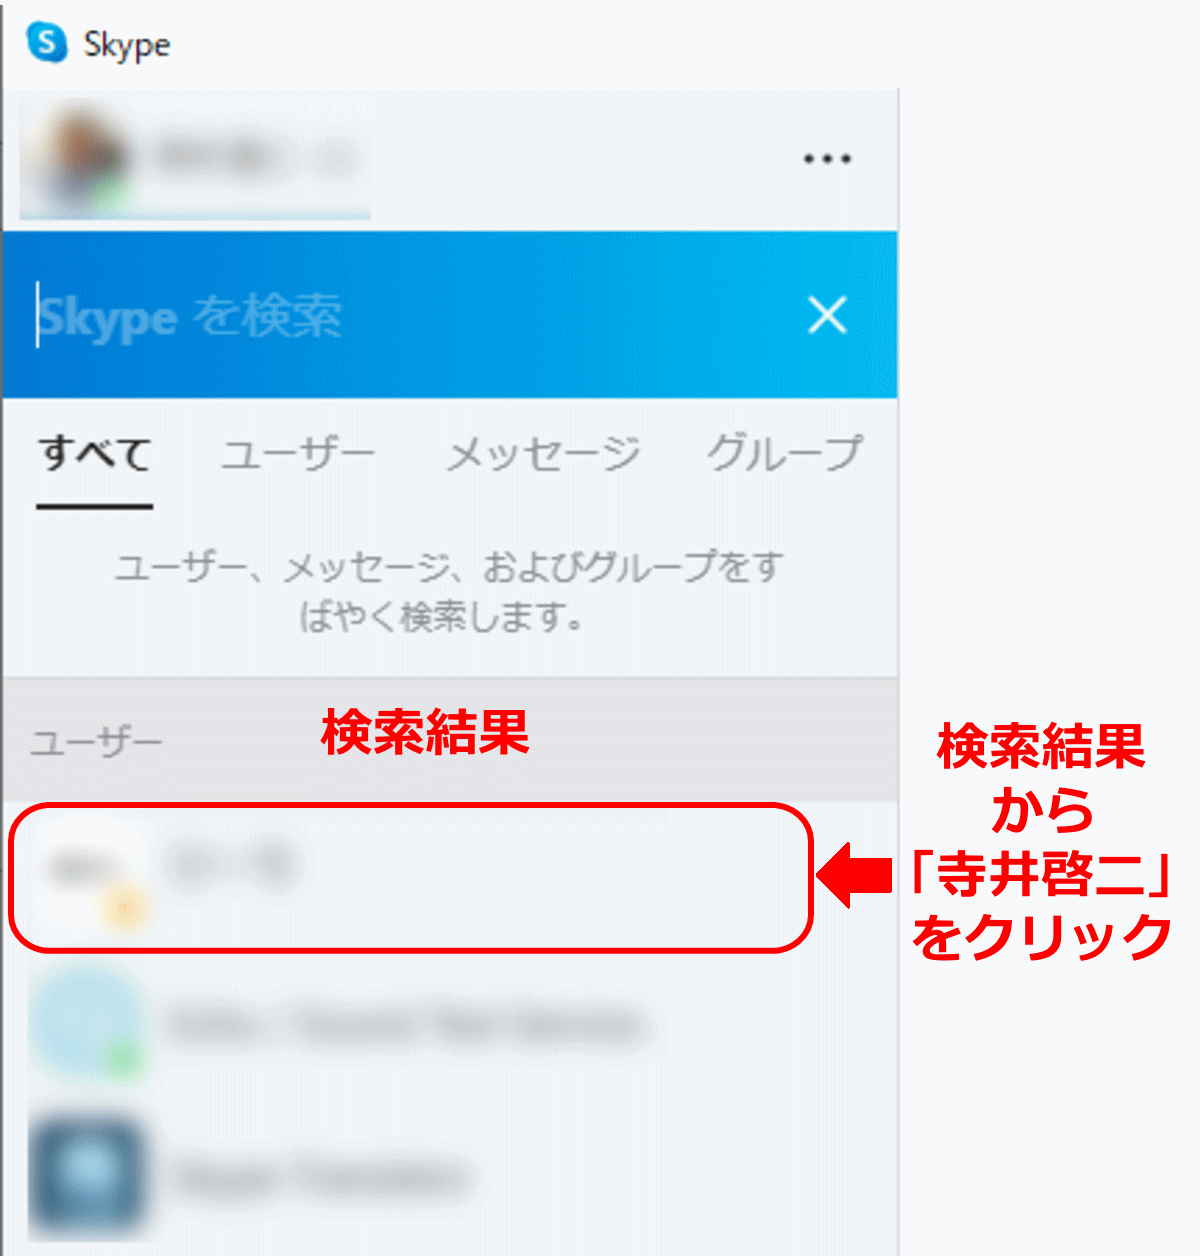 オンラインカウンセリングを始めるためにカウンセラーをskype名で検索した結果のイメージ